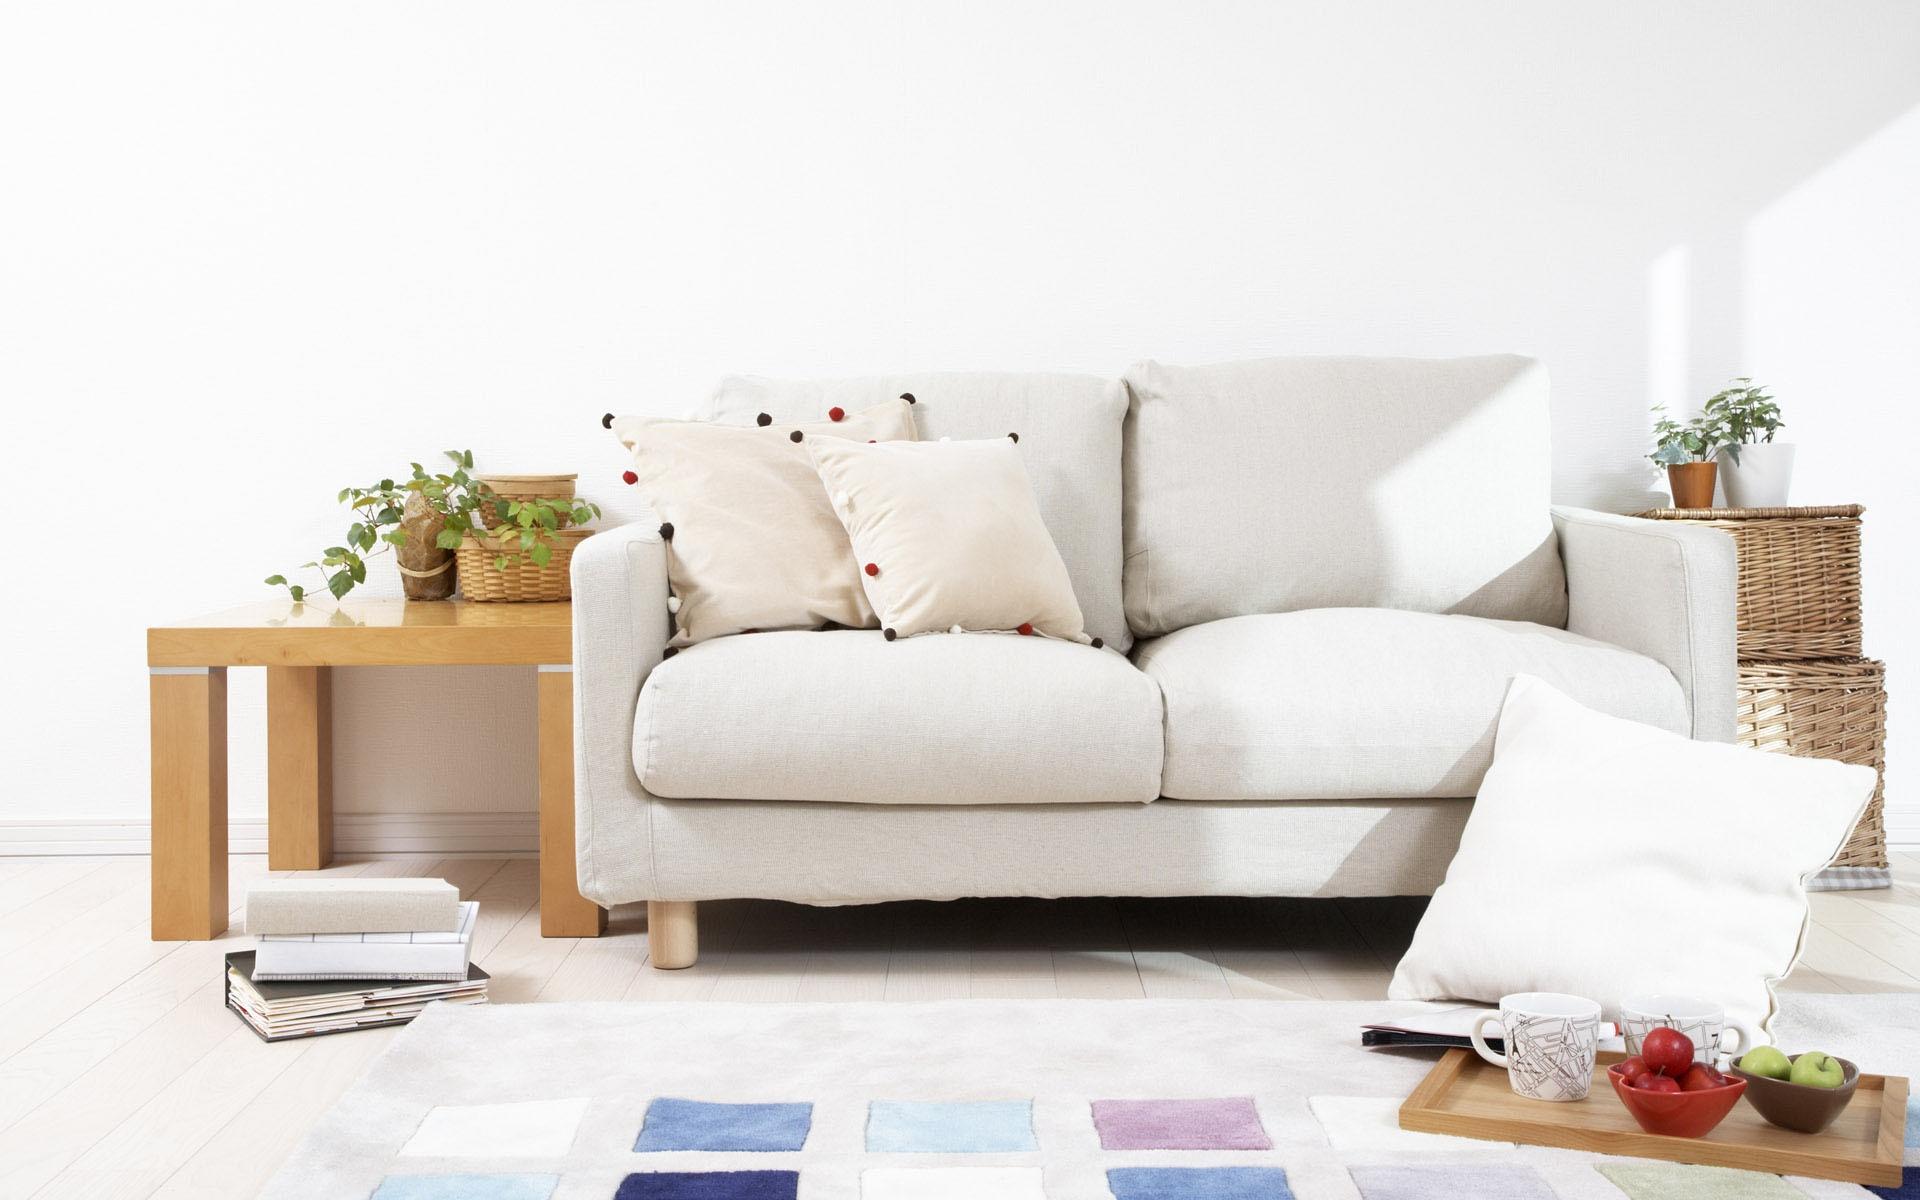 Home Design Architecture Wide Wallpaper Home Decor